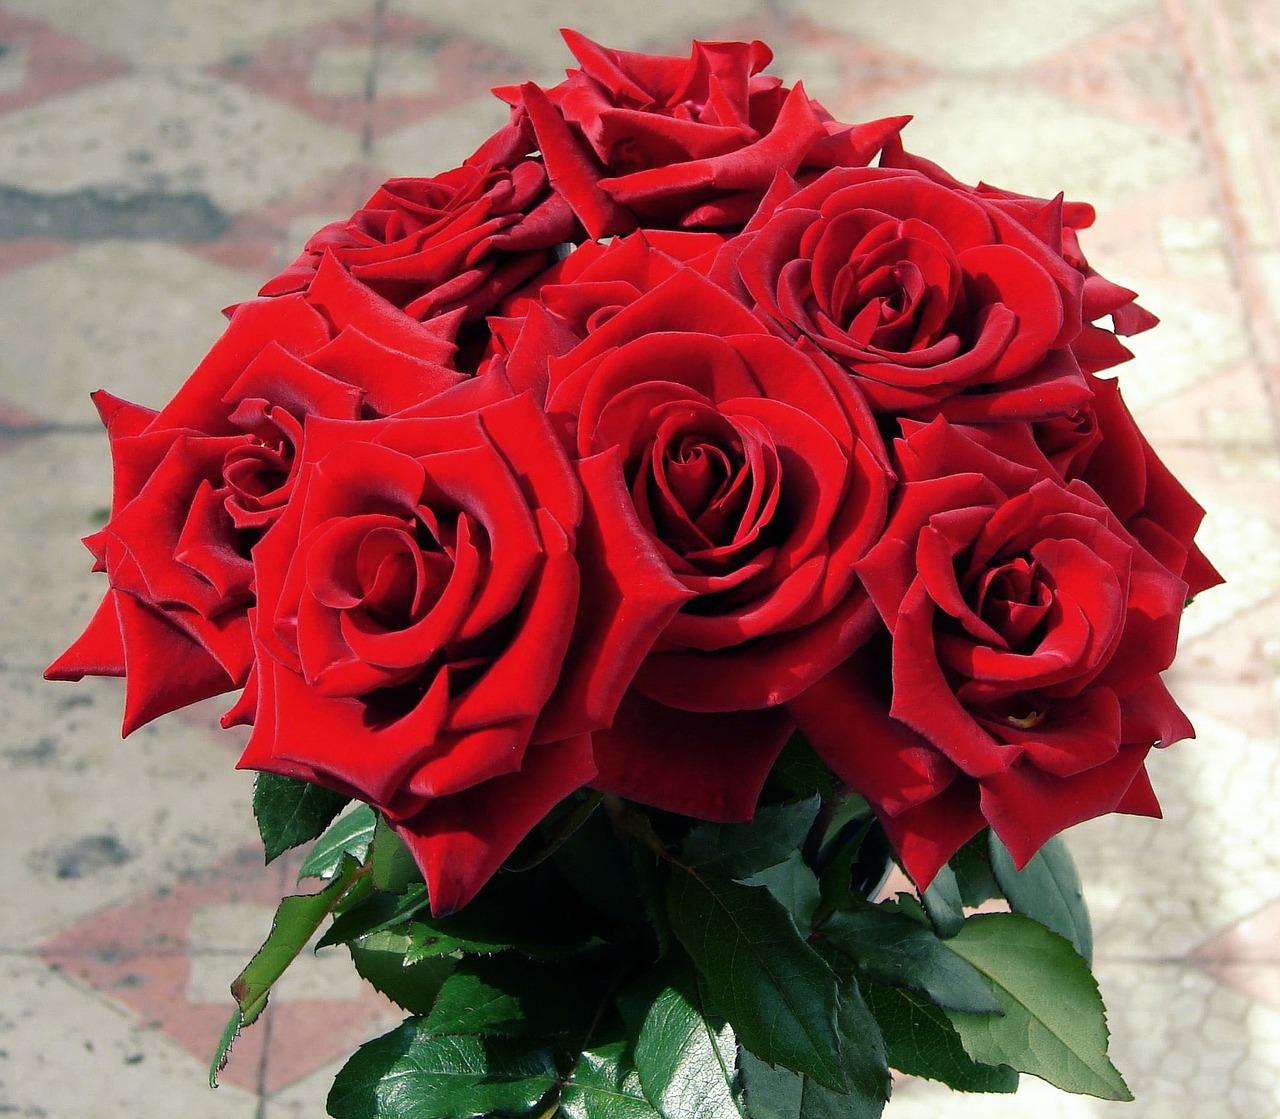 Comment composer votre bouquet de fleurs pour la Saint-Valentin ? 2